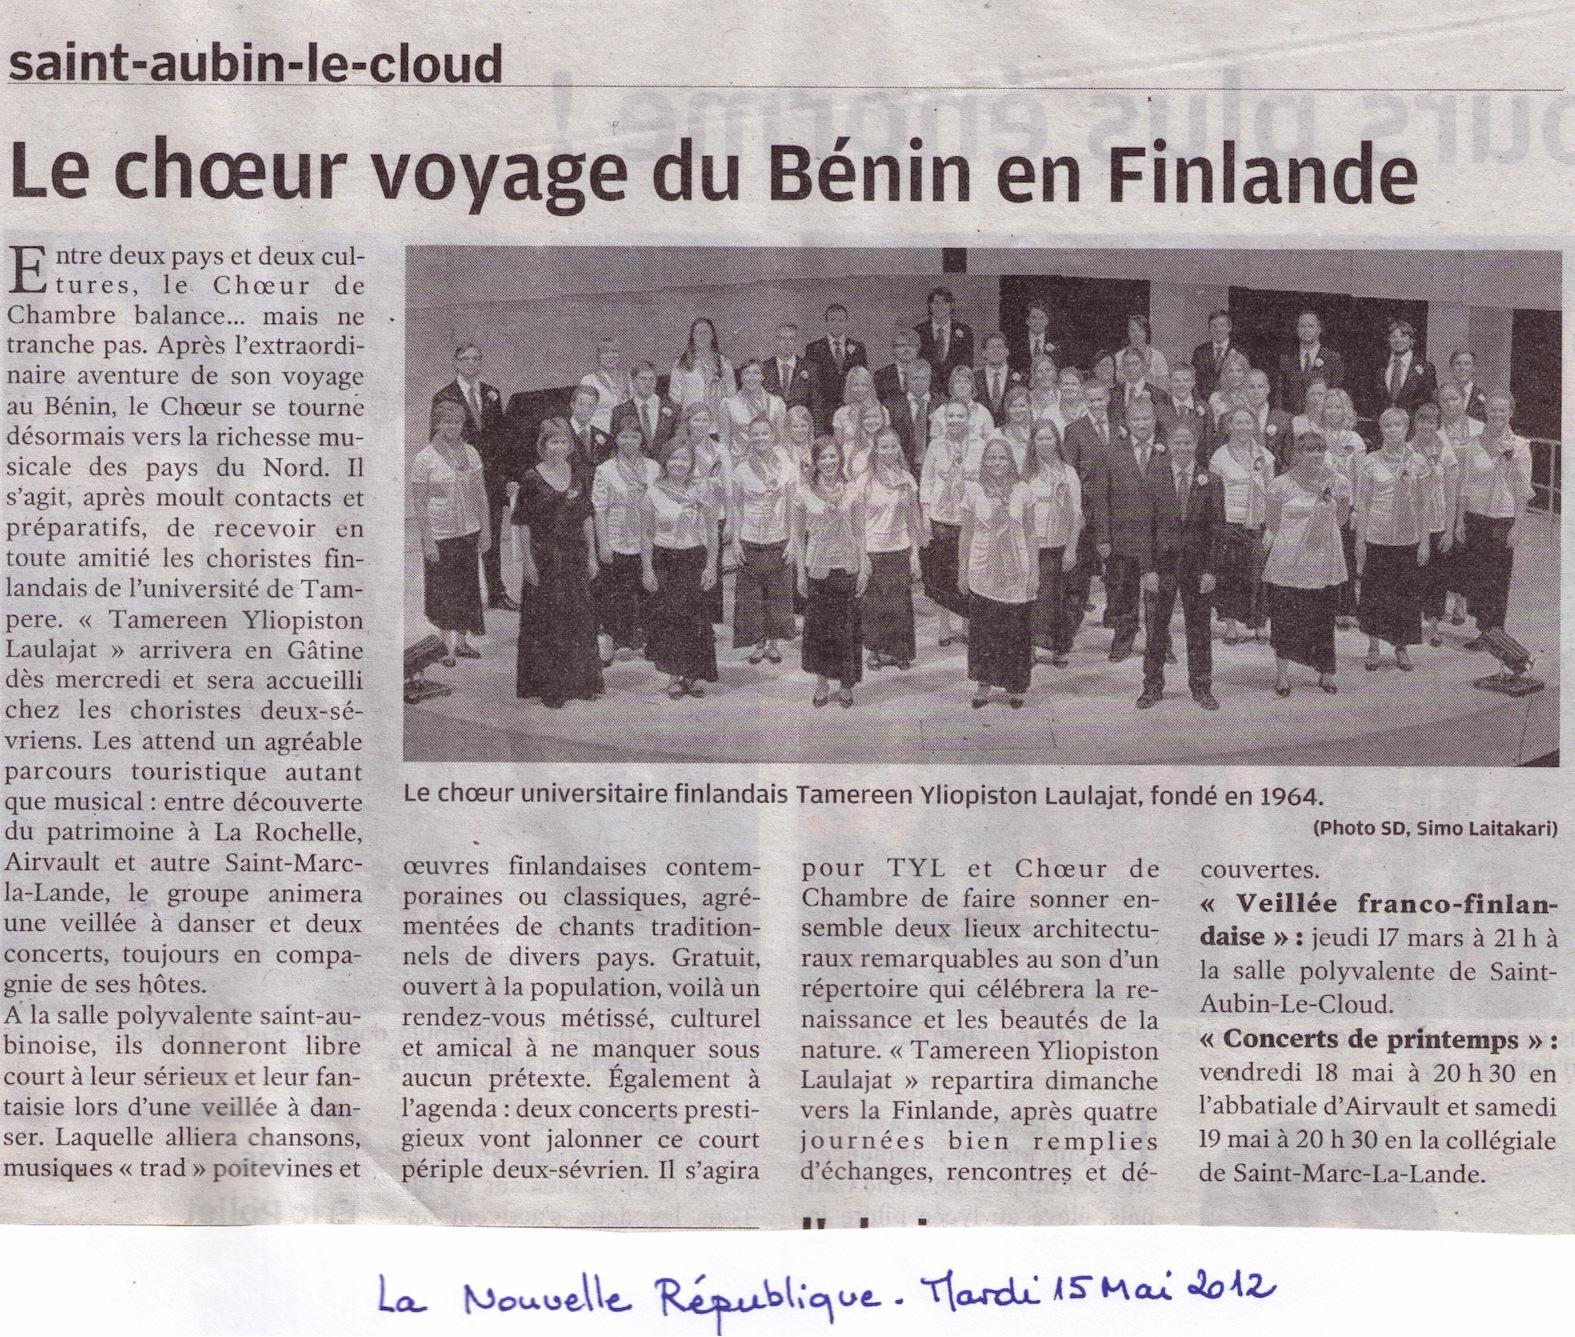 NR Finlande 2012 - copie